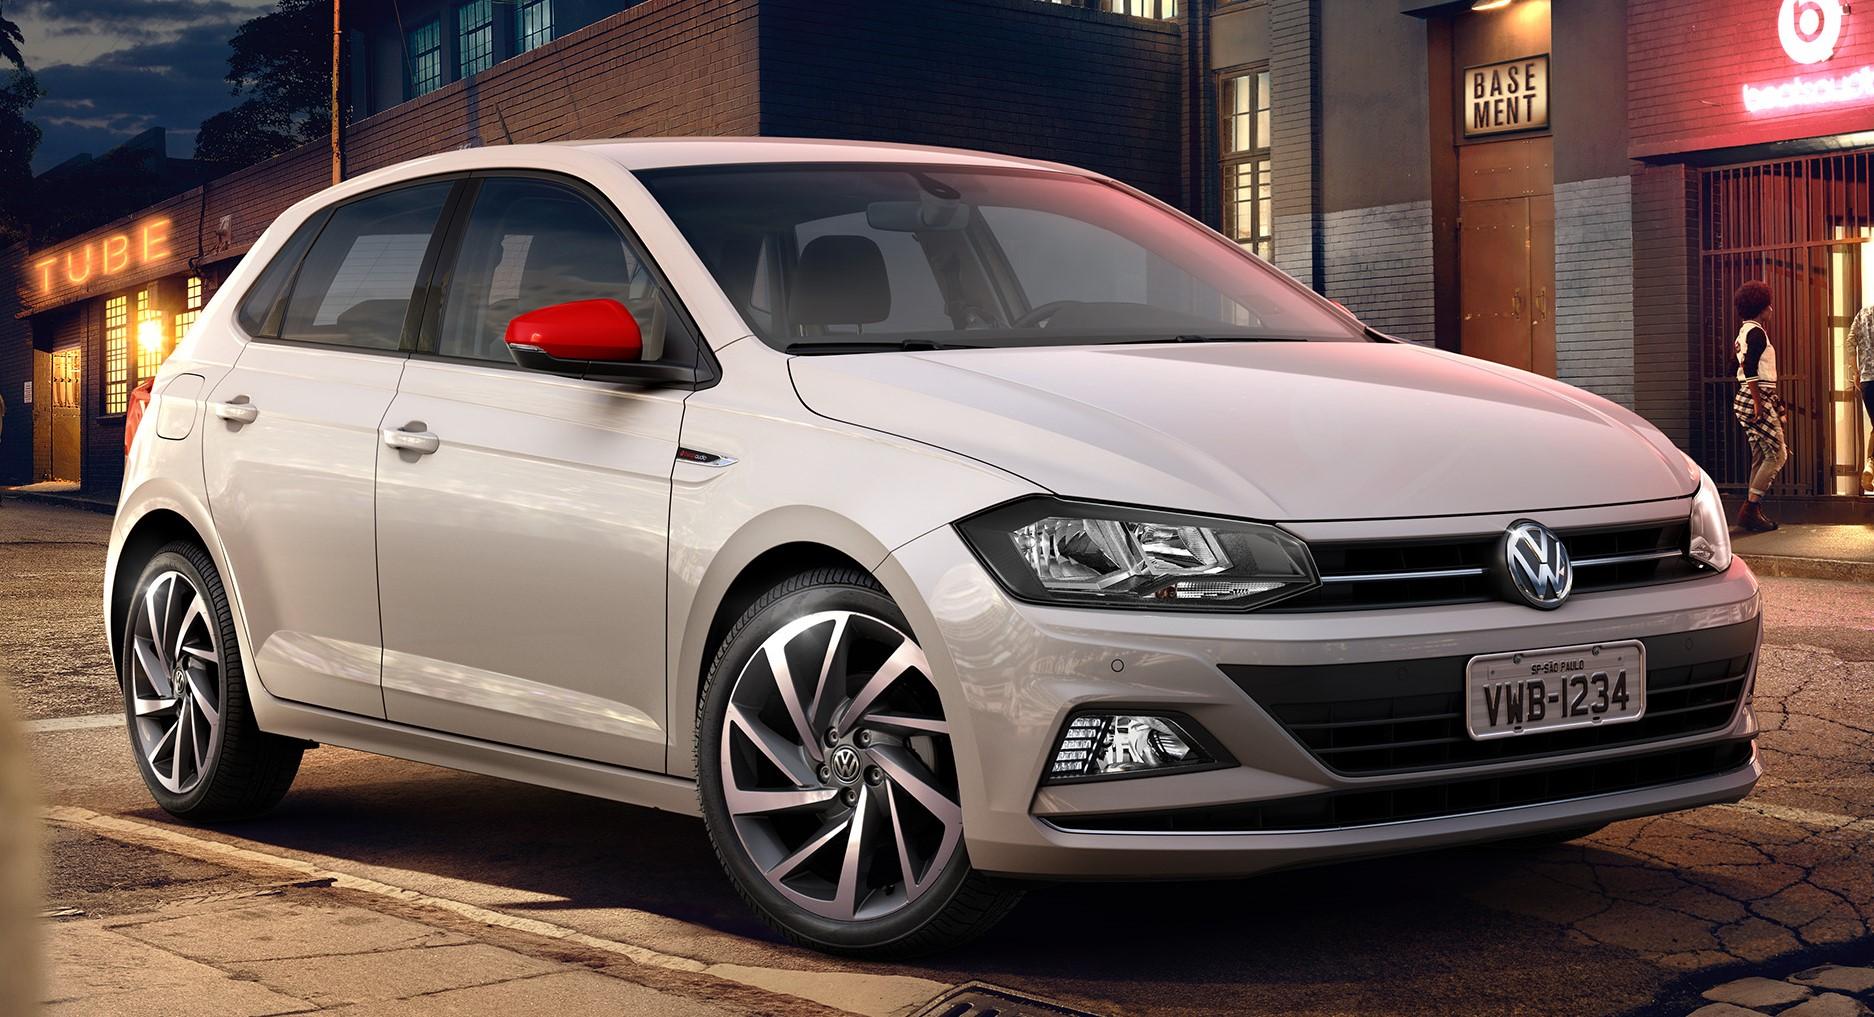 Volkswagen Polo e Virtus 2019 passam a contar com o sistema de som premium da Beats